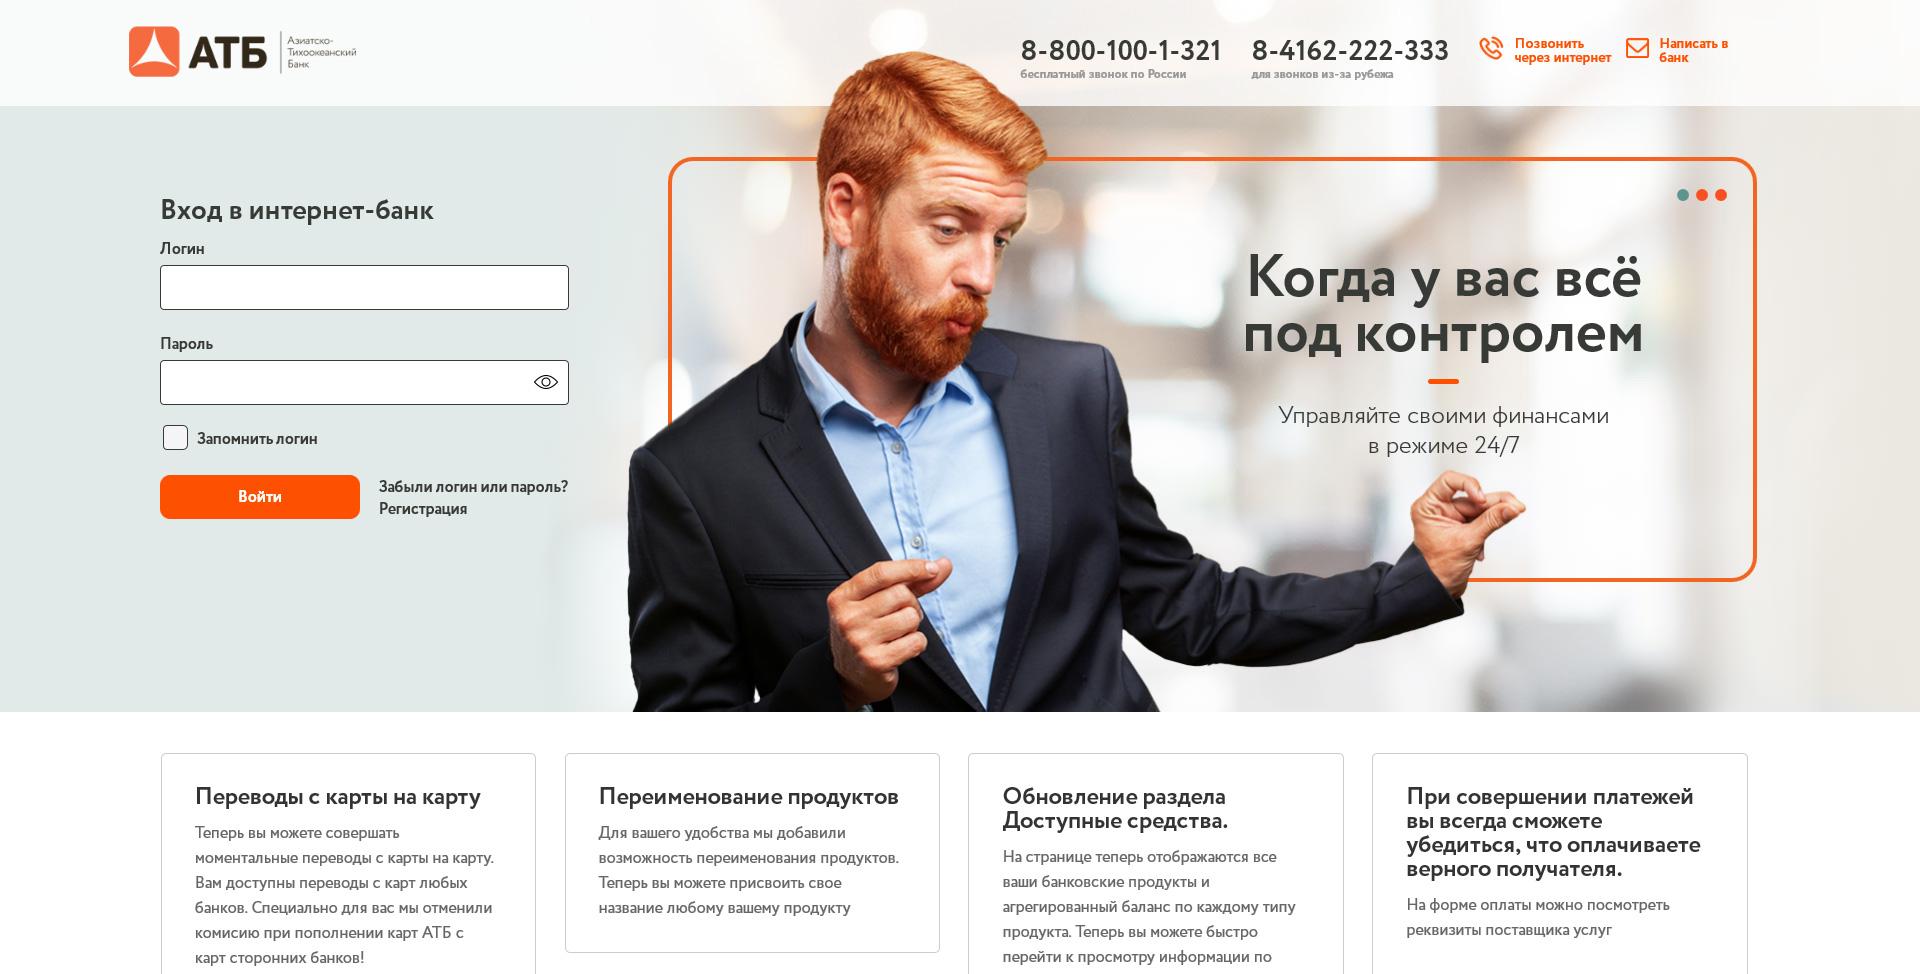 АТБ онлайн: личный кабинет